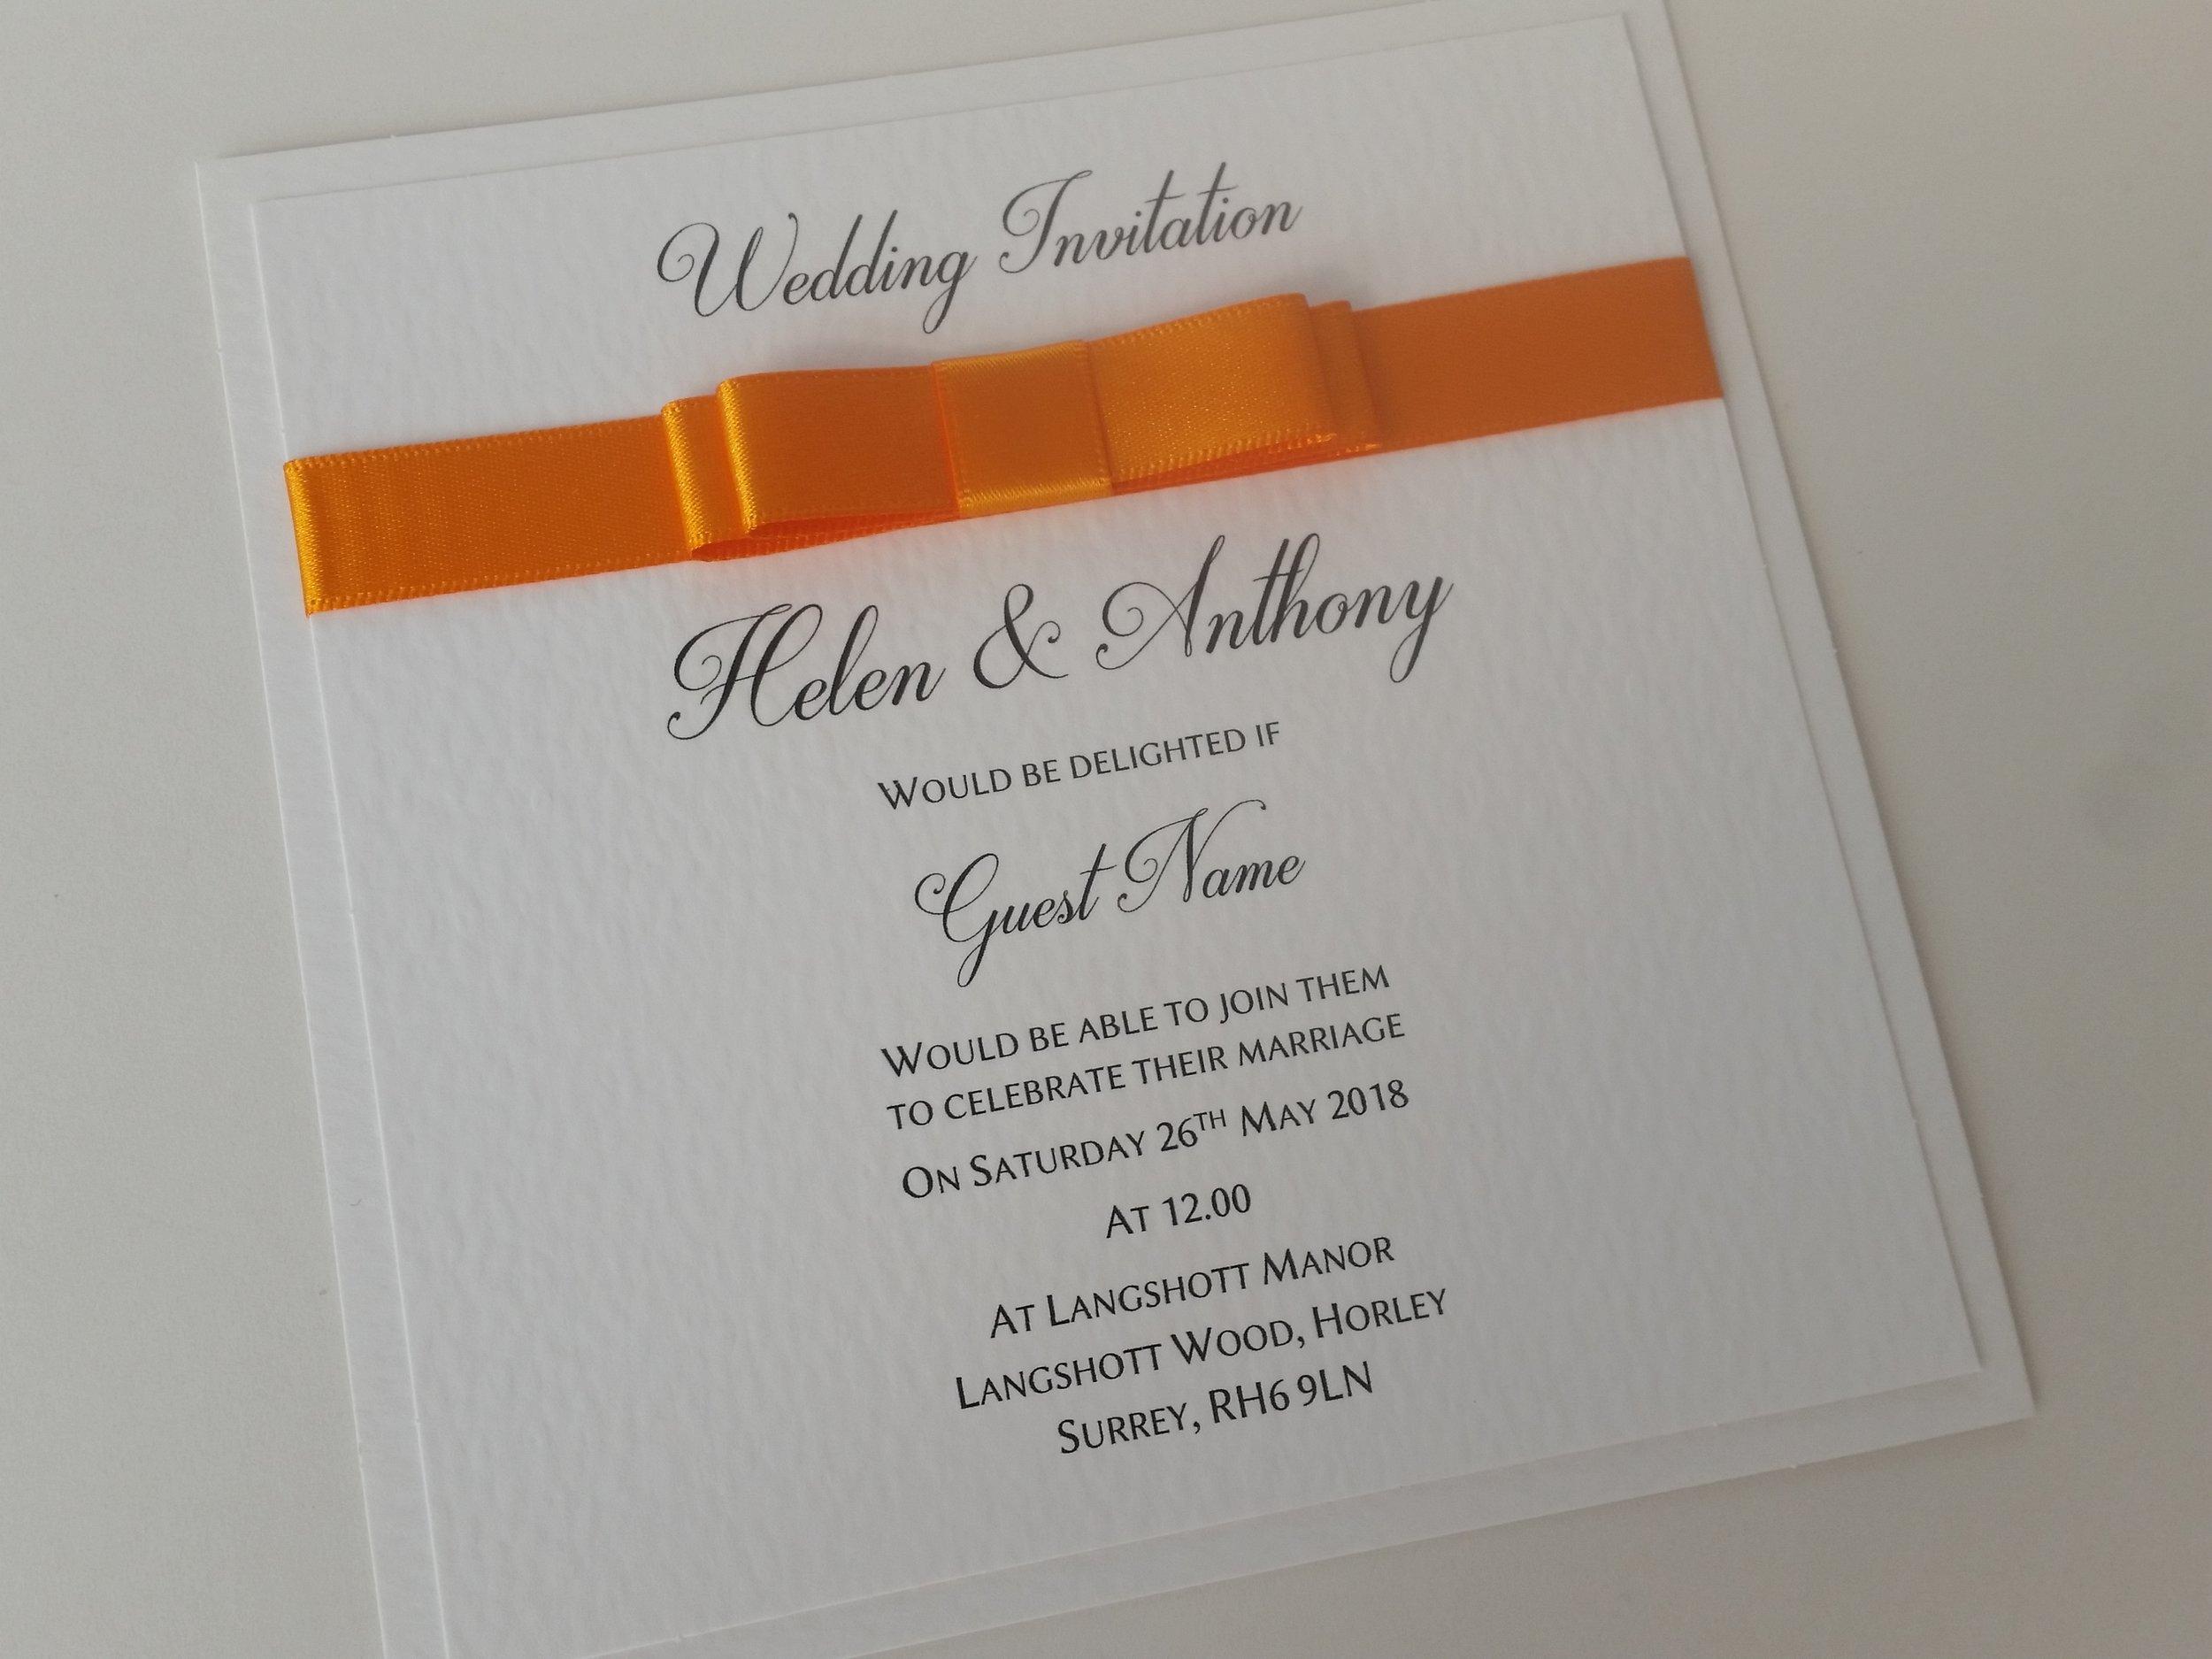 Helen - evening invitations - mock upv2.jpg